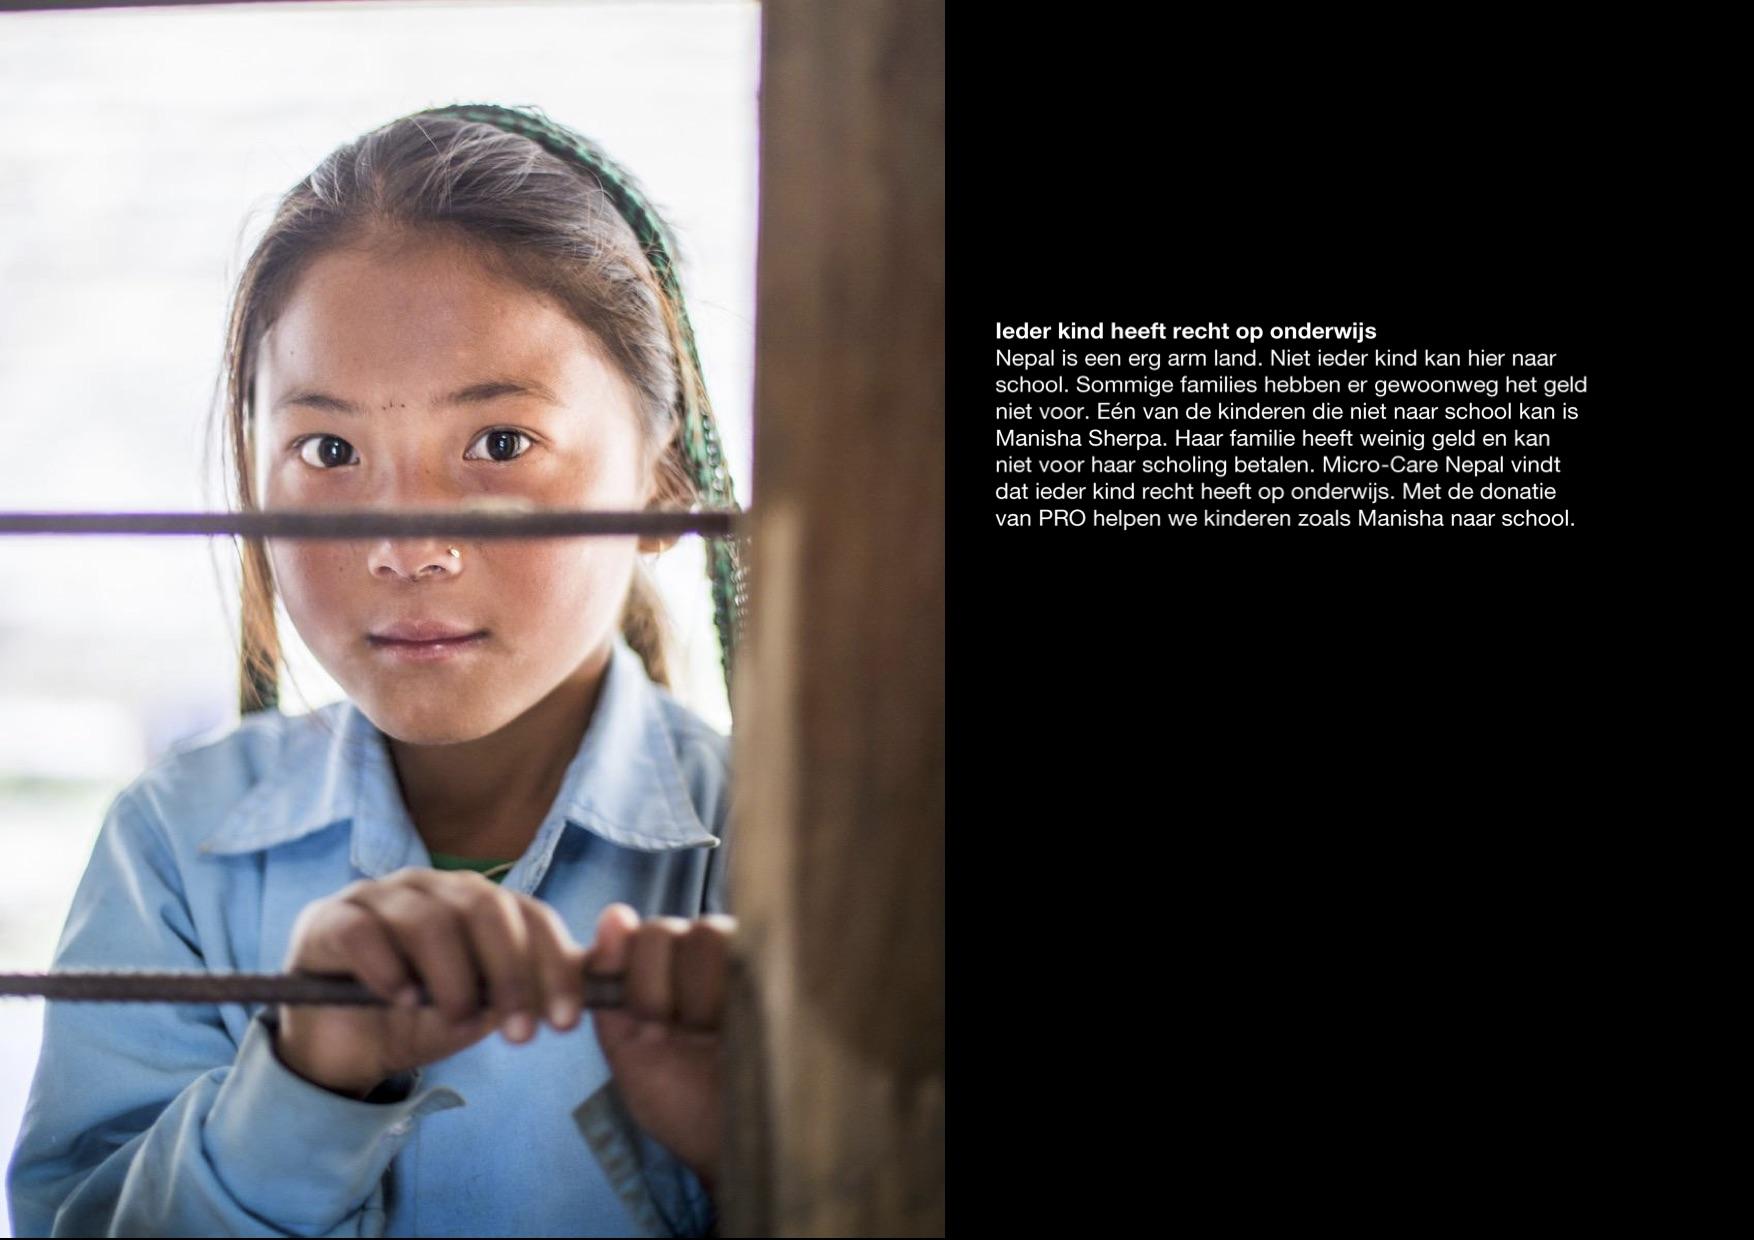 Sponsoring-Micro-Care-Nepal-4.jpg